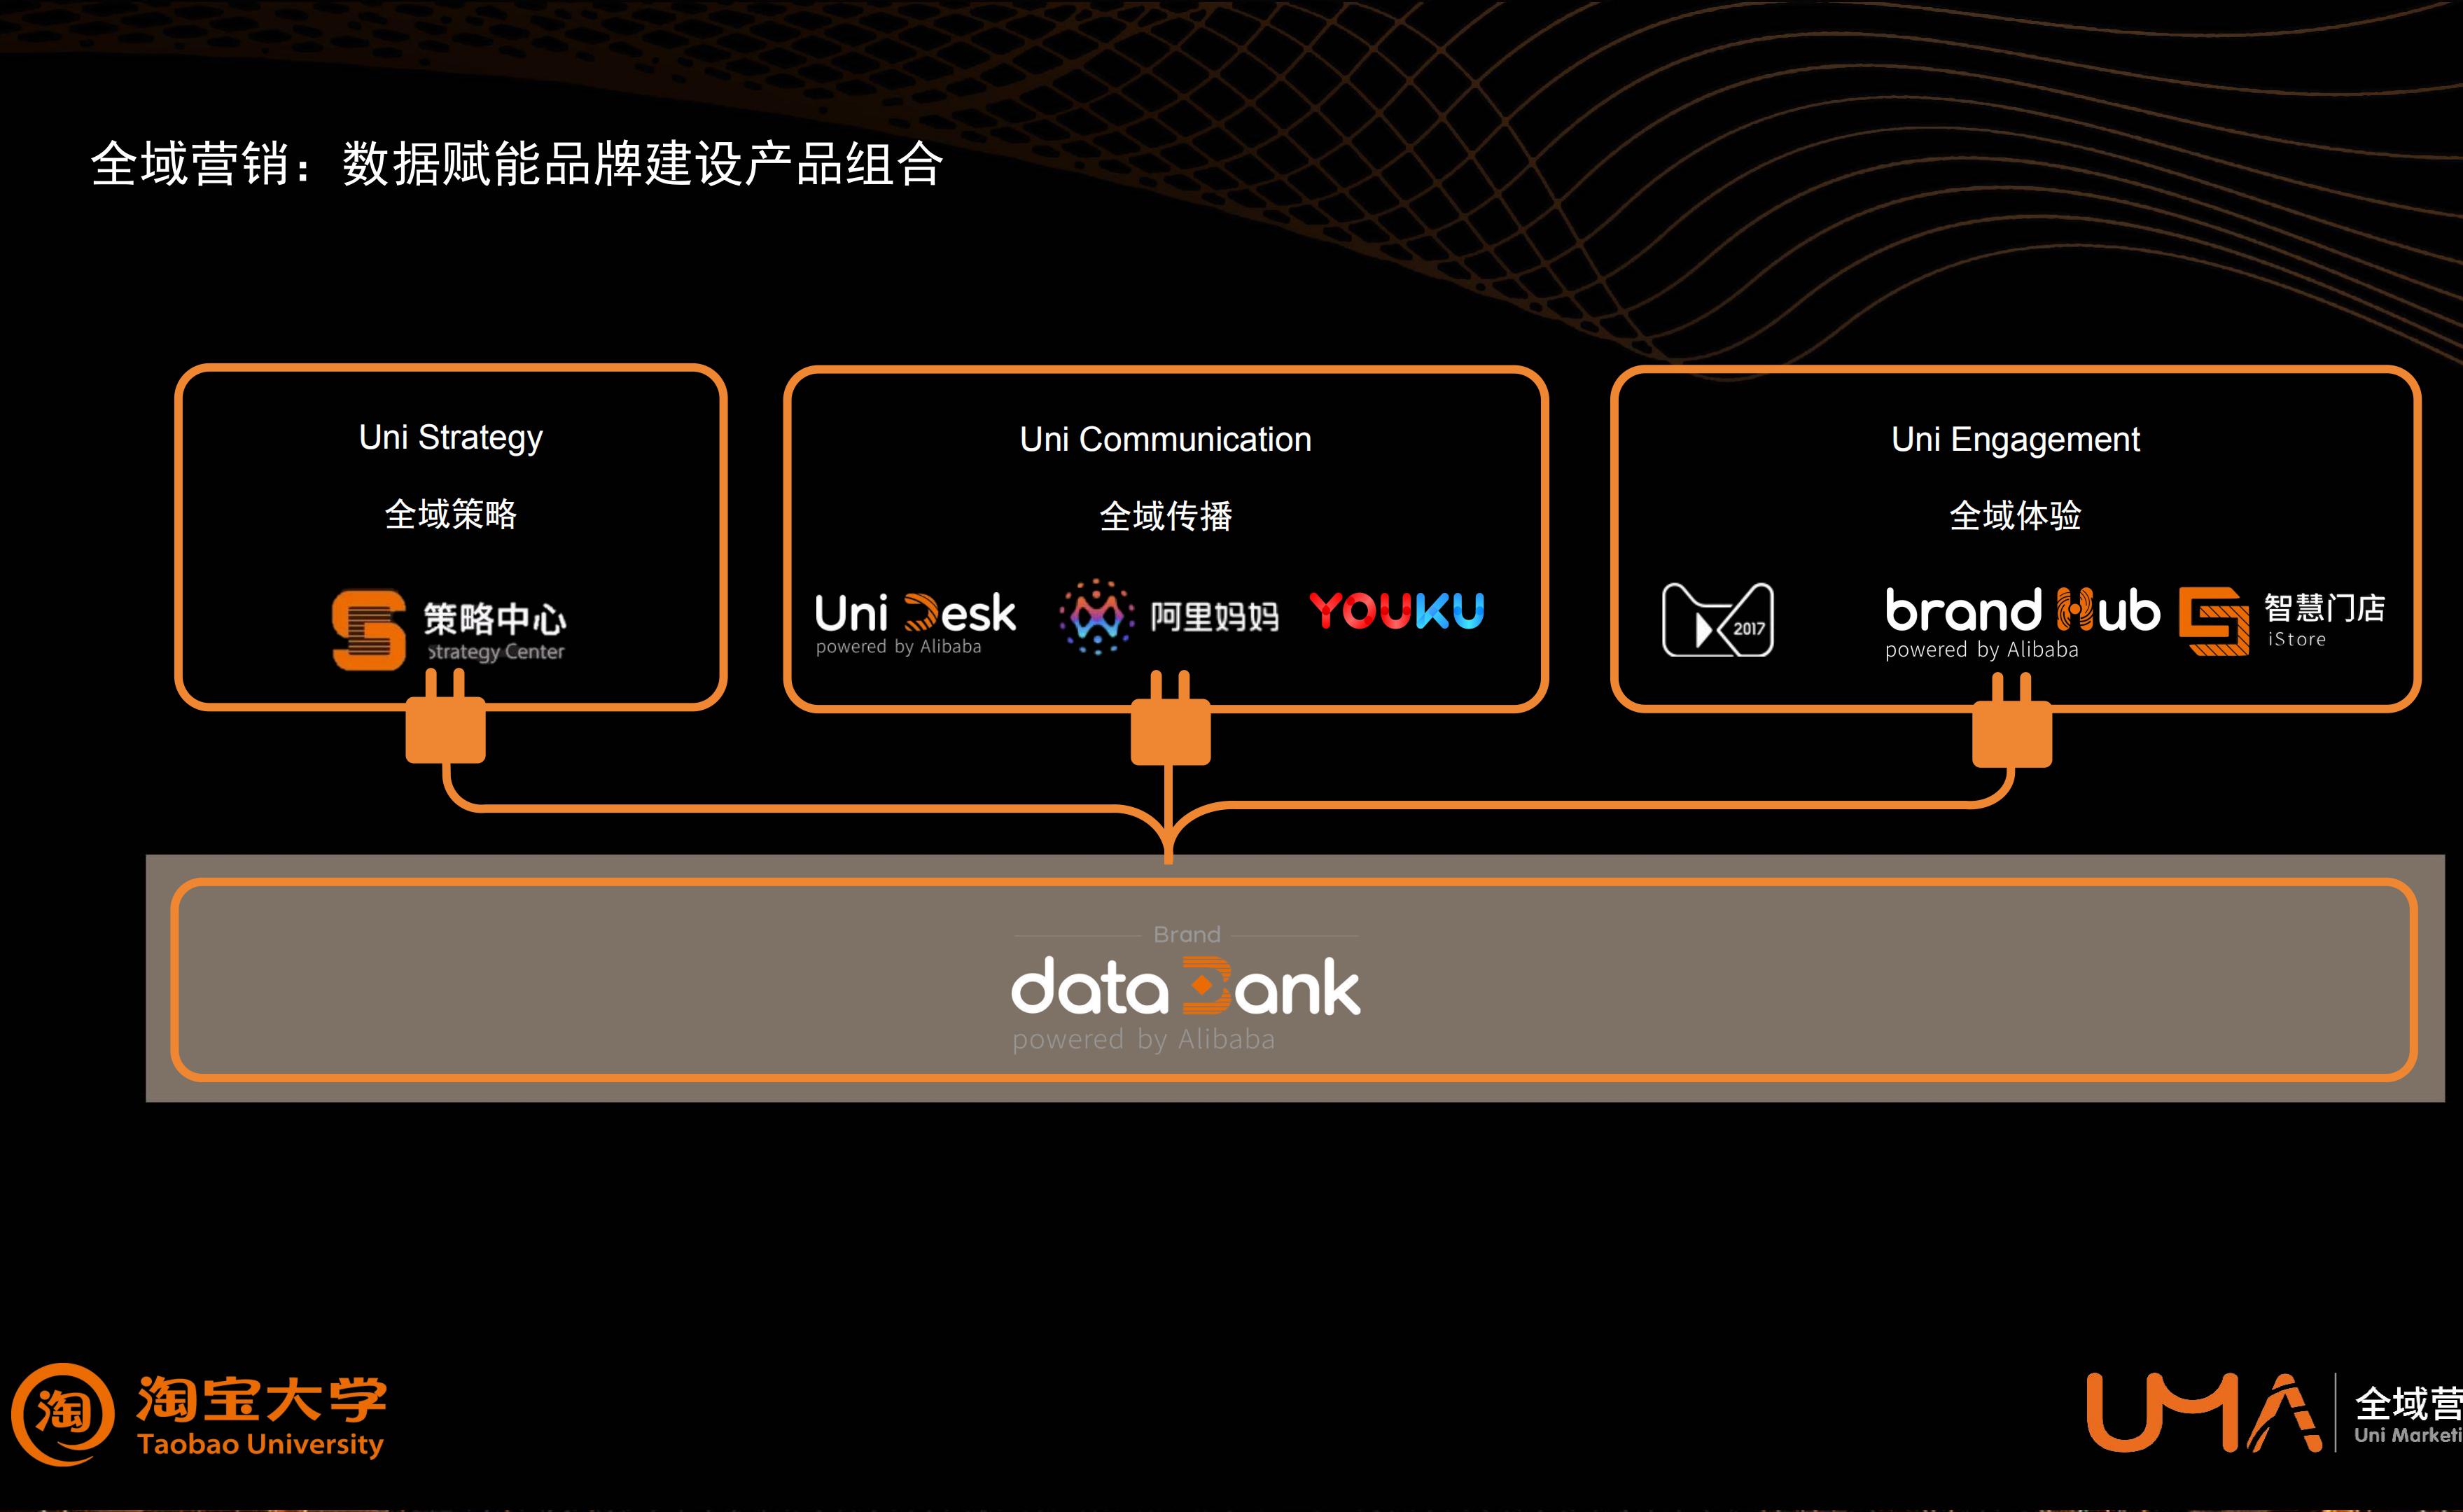 品牌数据银行介绍片